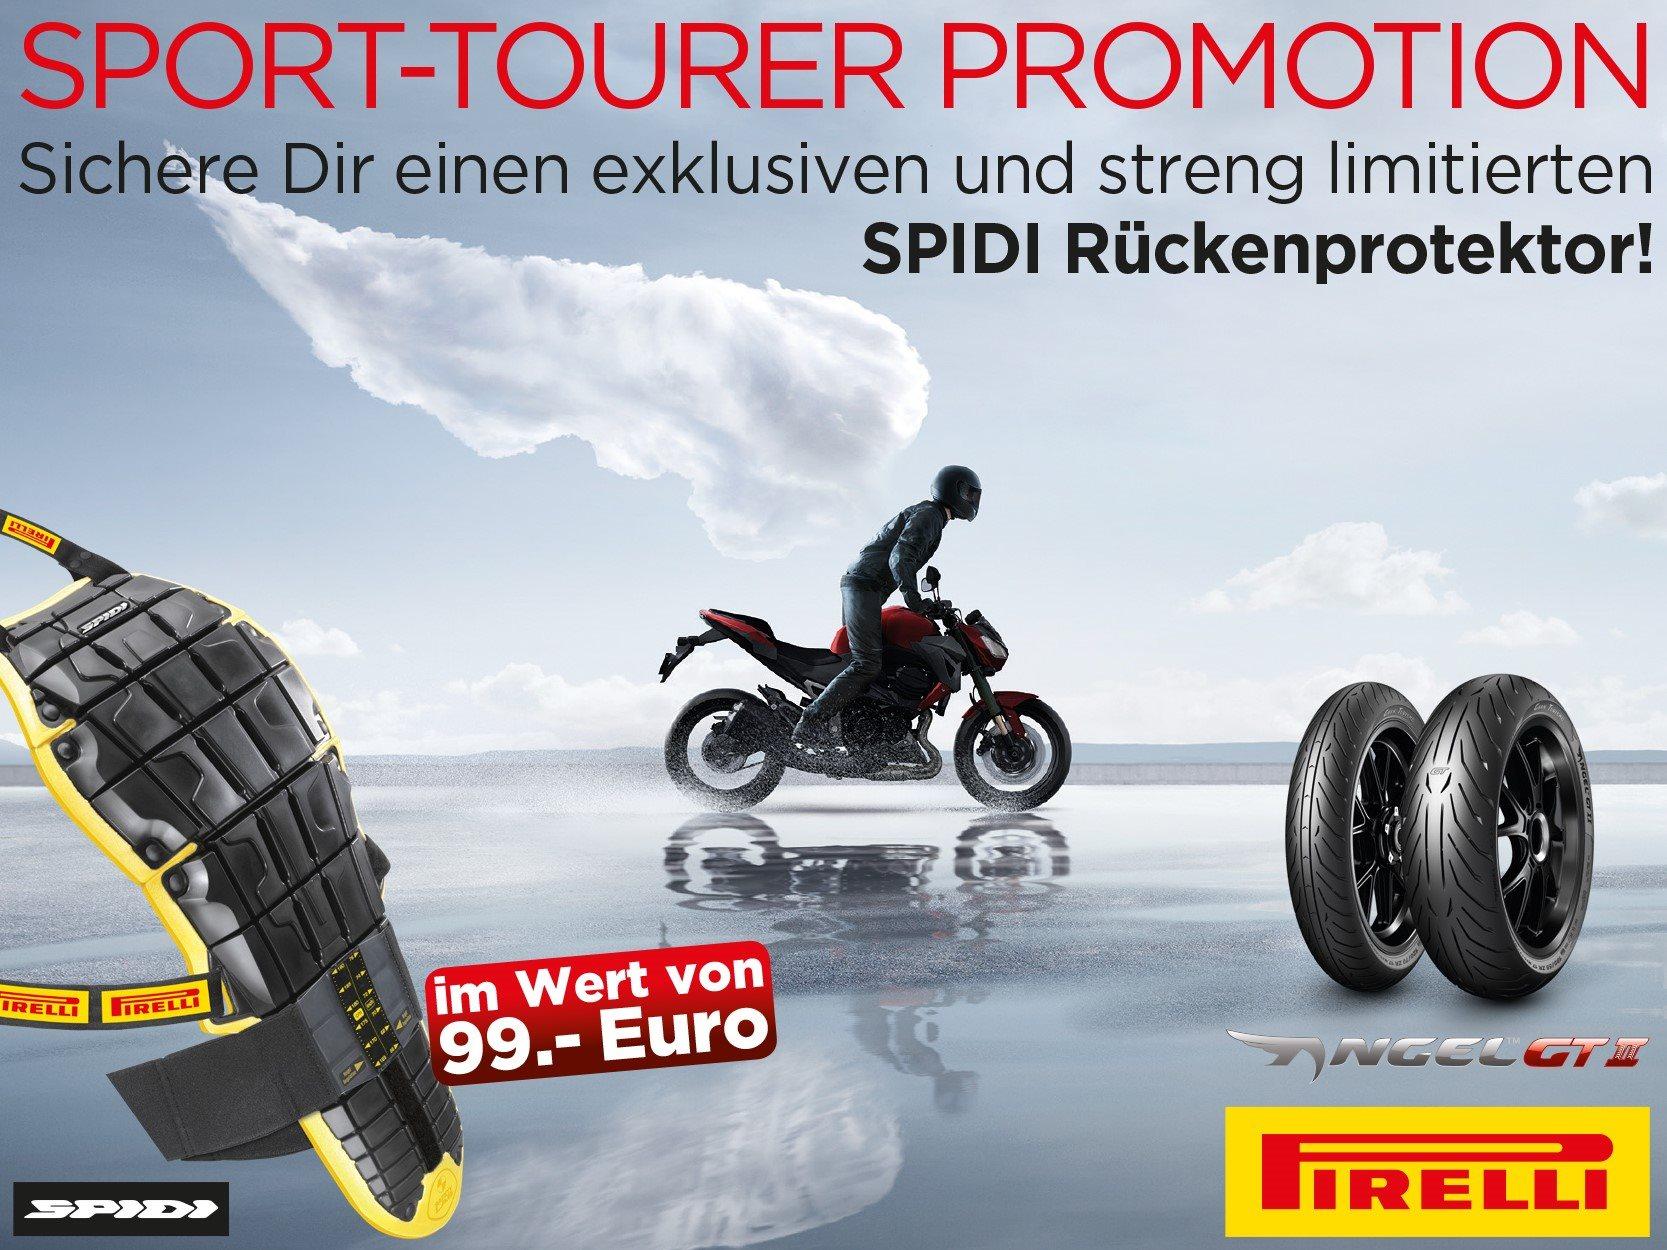 KTM Vertragshändler Motorradsport Schmitt - Pirelli Angel™ GT II kaufen und Spidi-Protektor gratis bekommen